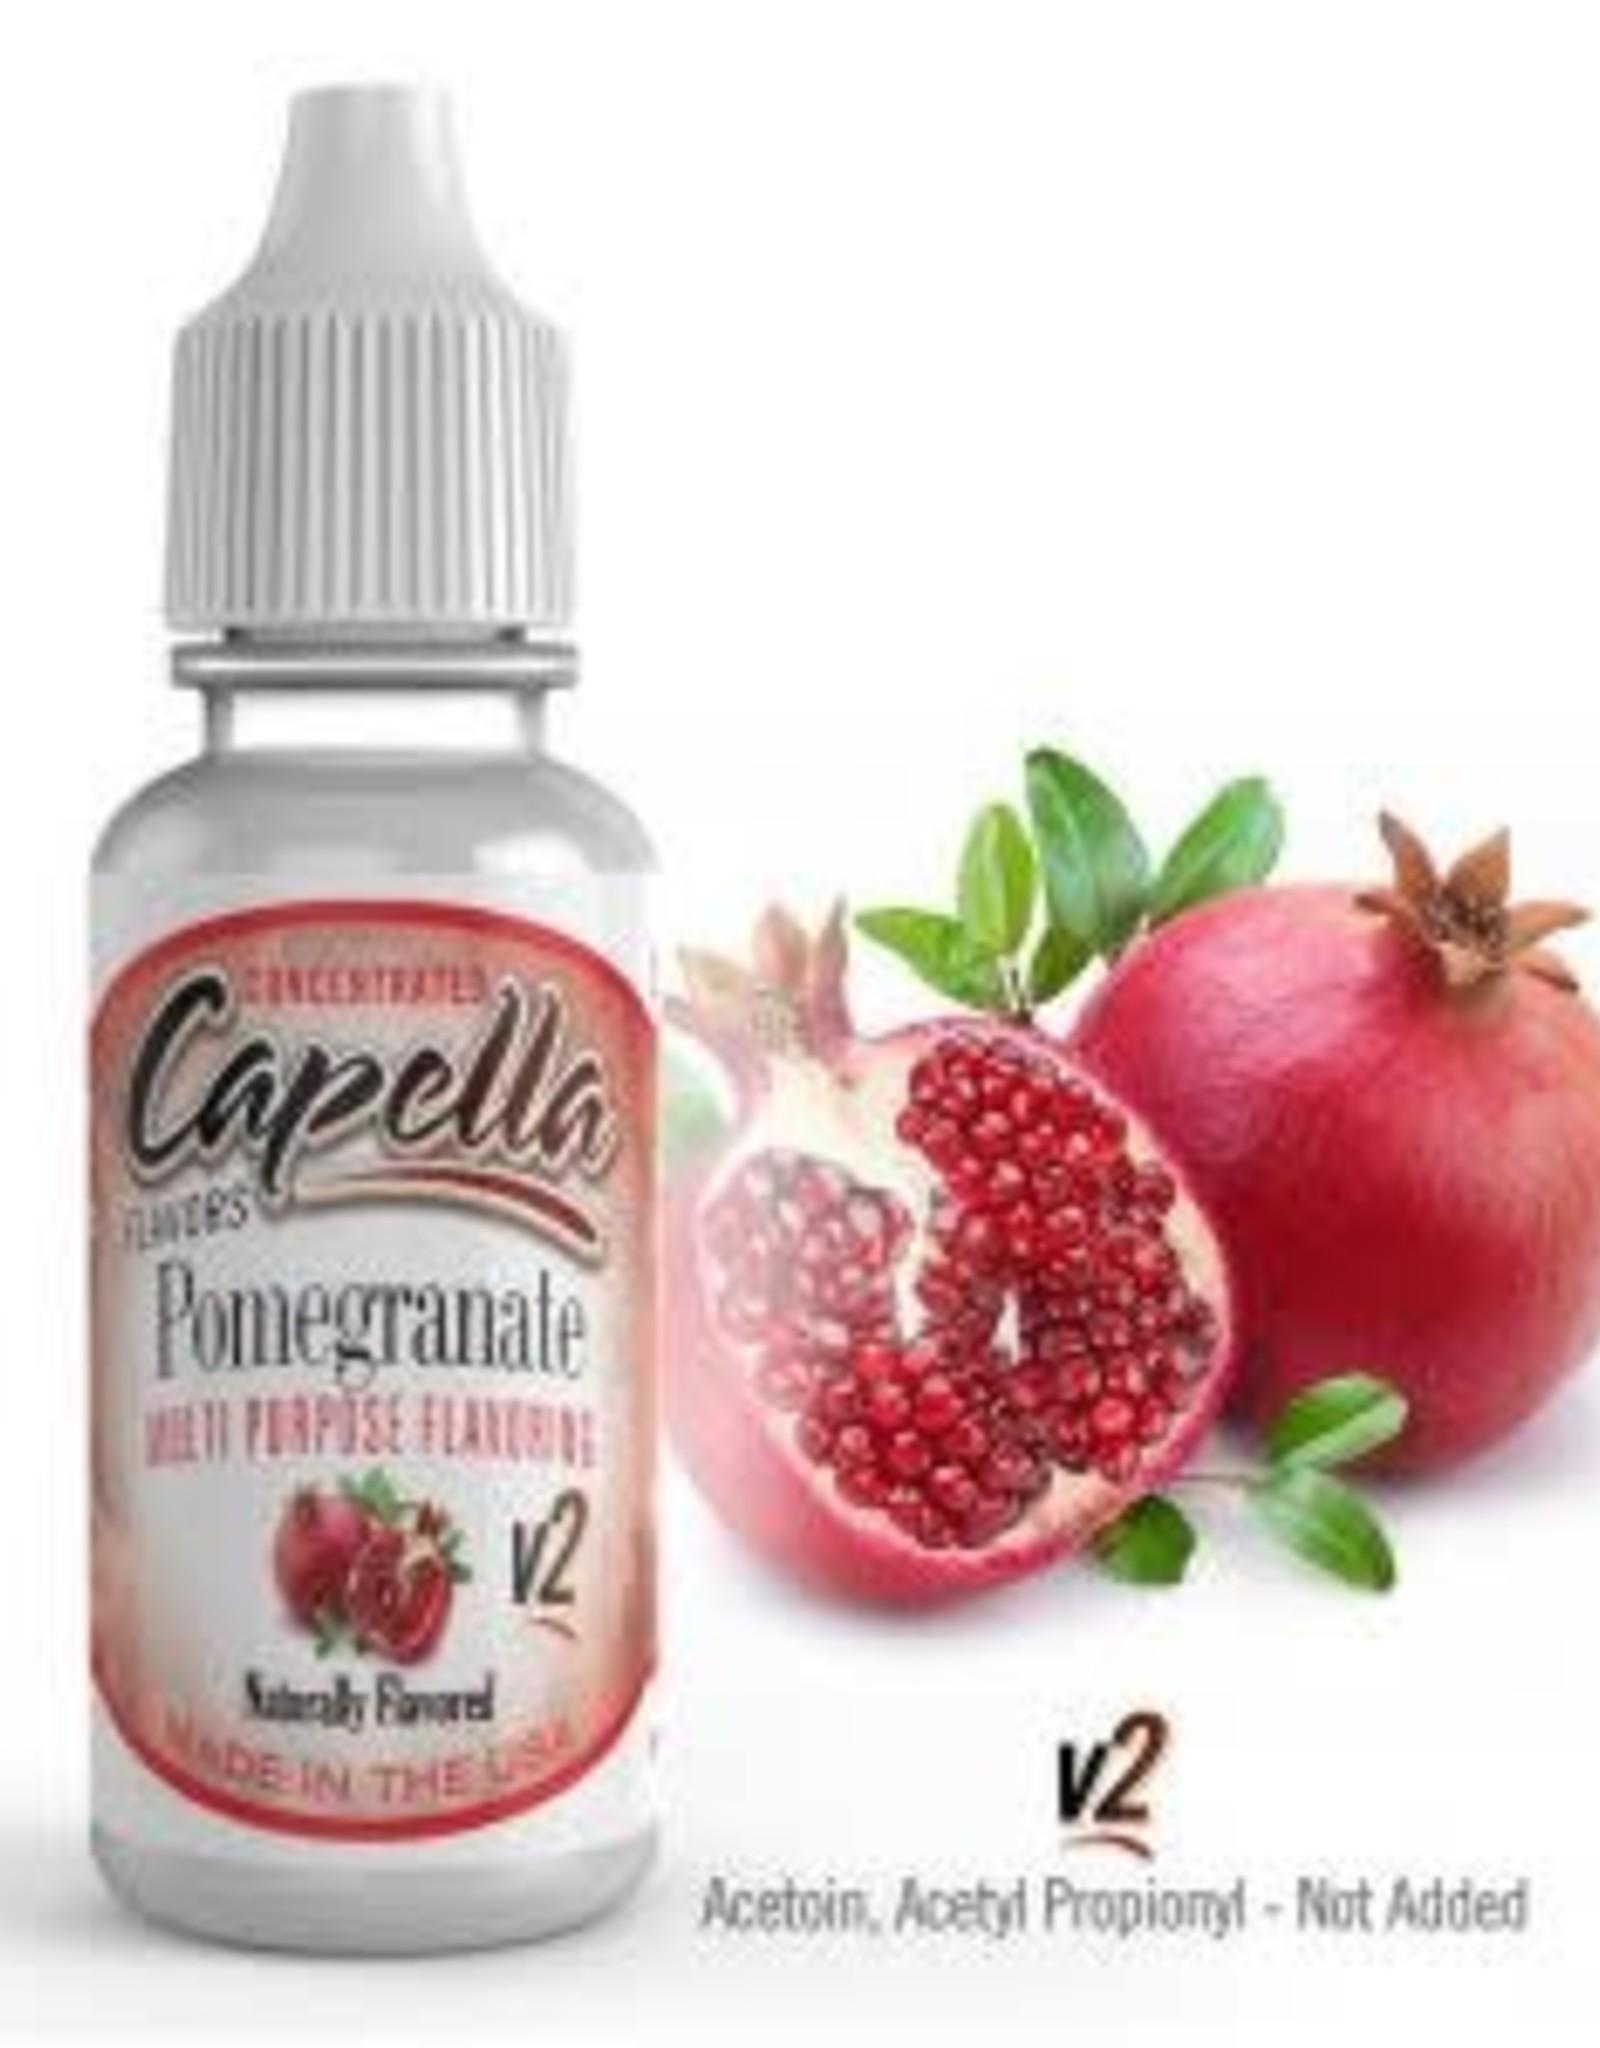 Capella Capella - Pomegranate V2 Aroma 13ml